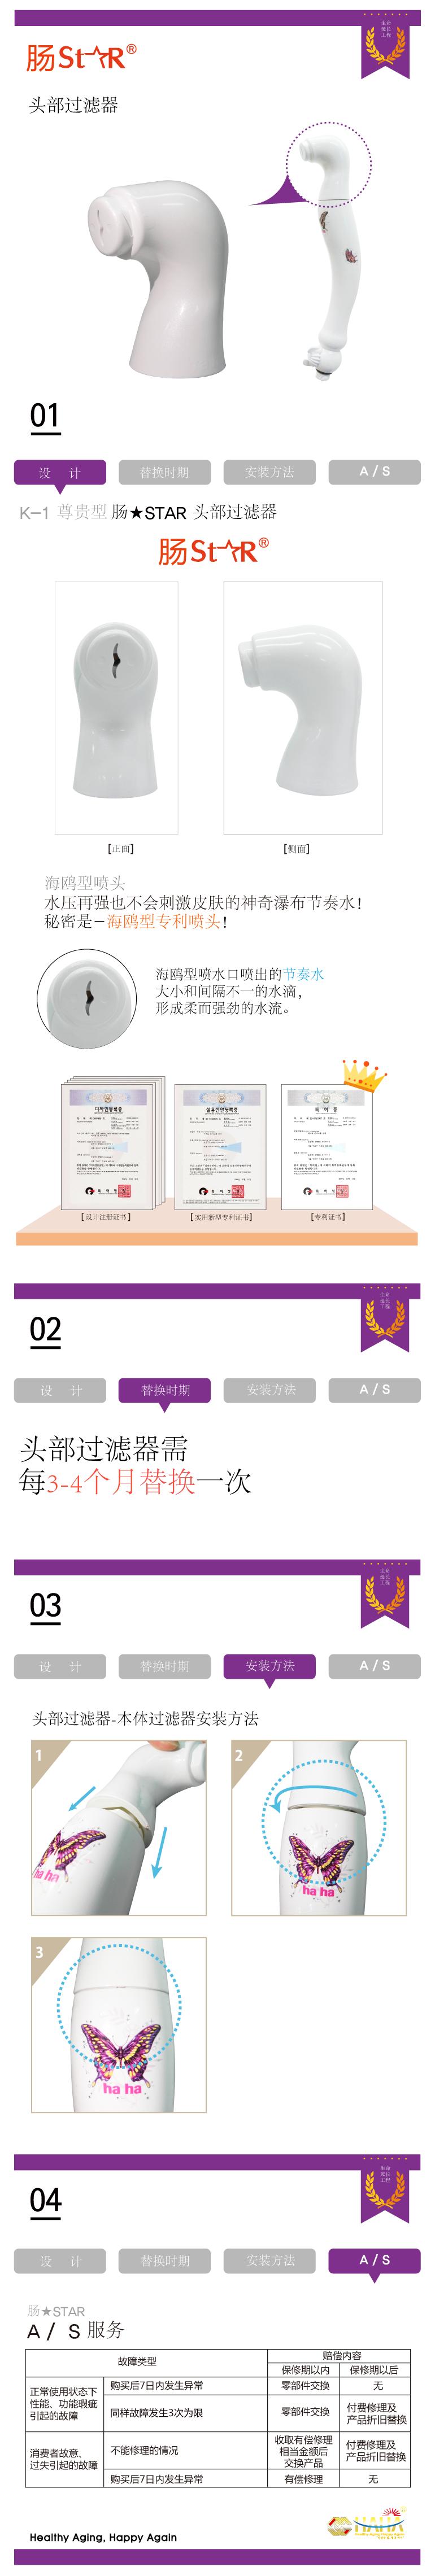 장비아-헤드여과기-온라인-컨텐츠-중국어.png